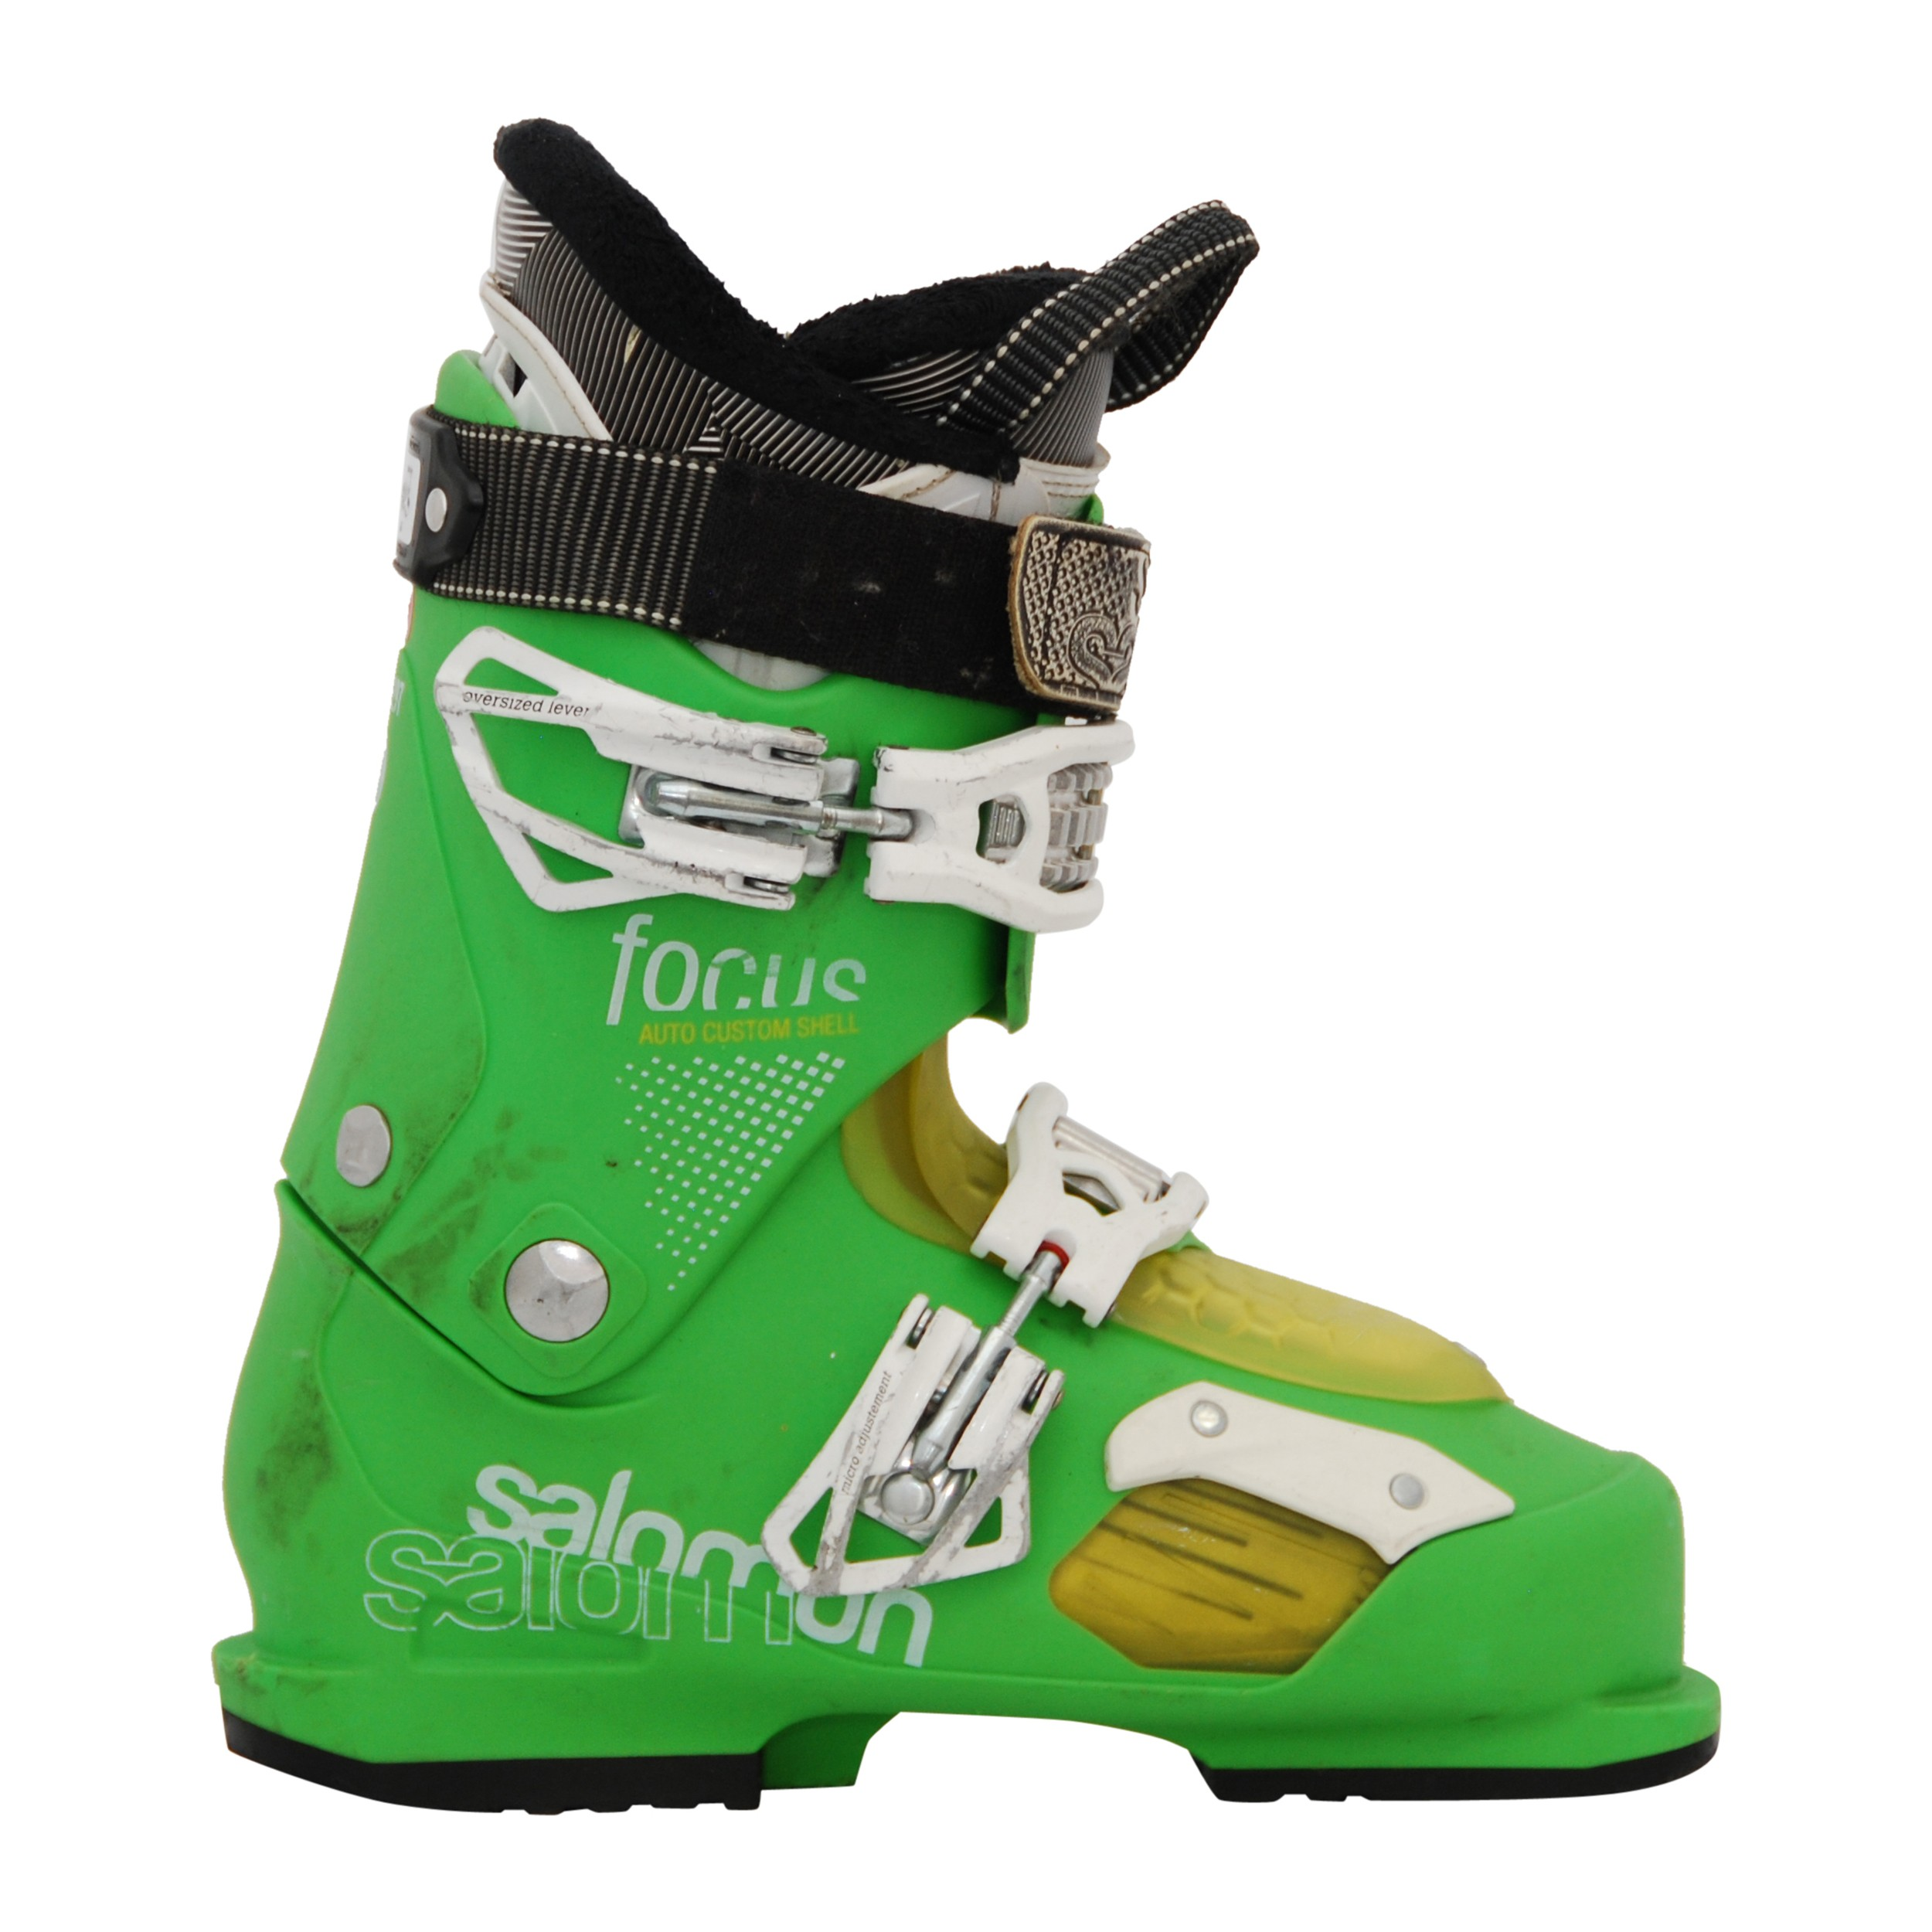 Chaussure de ski occasion Salomon focus vert